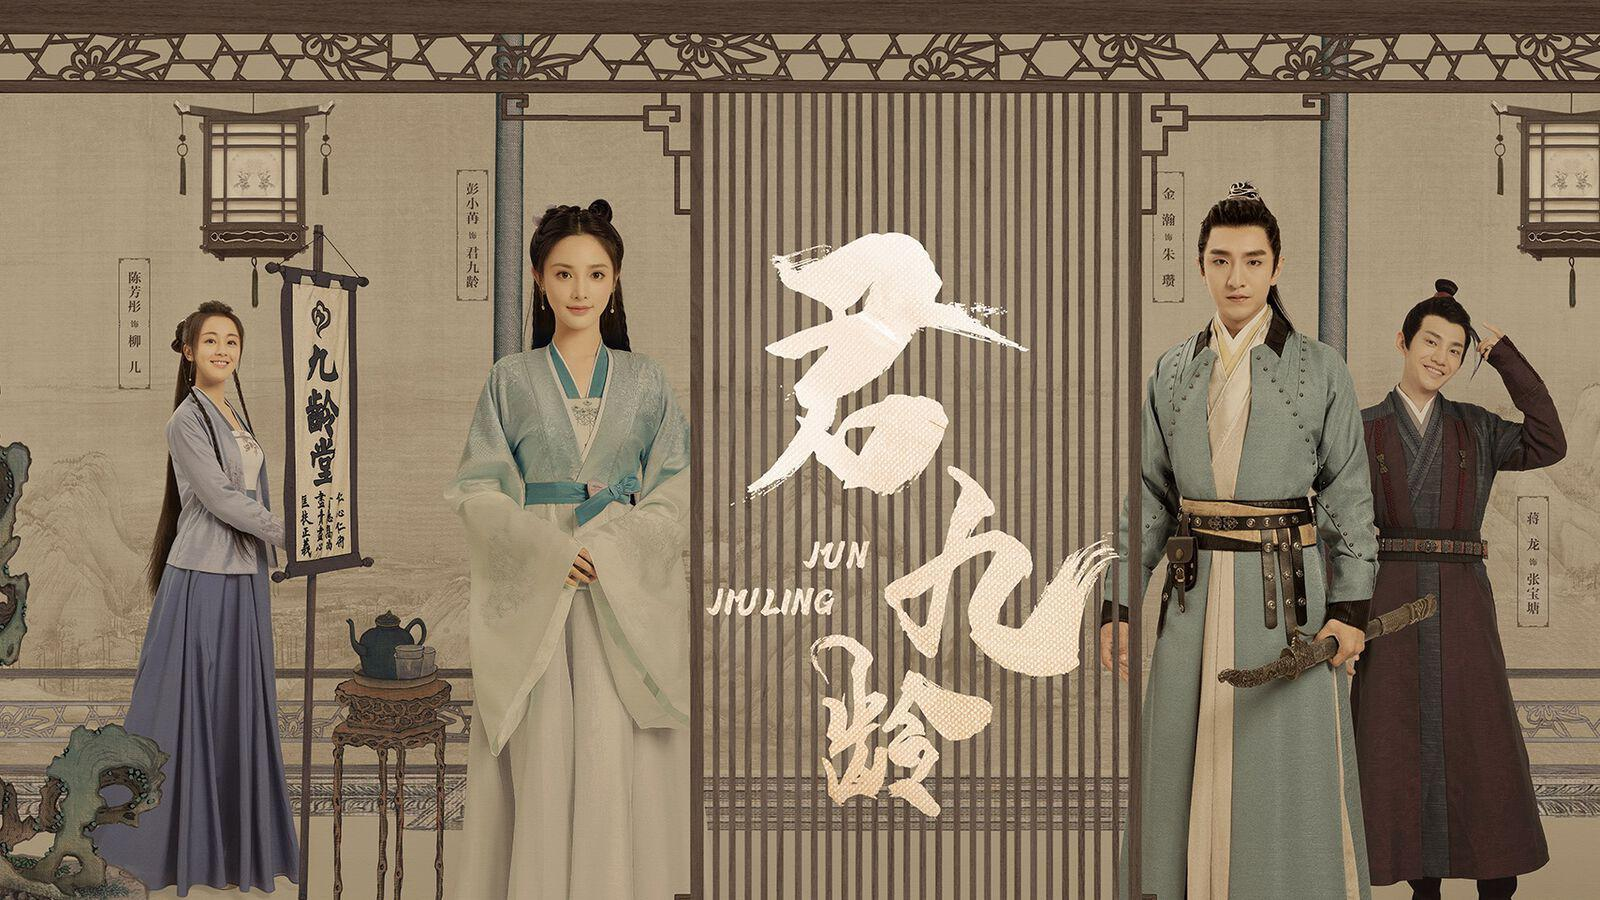 Jun Jiu Ling: 1×24